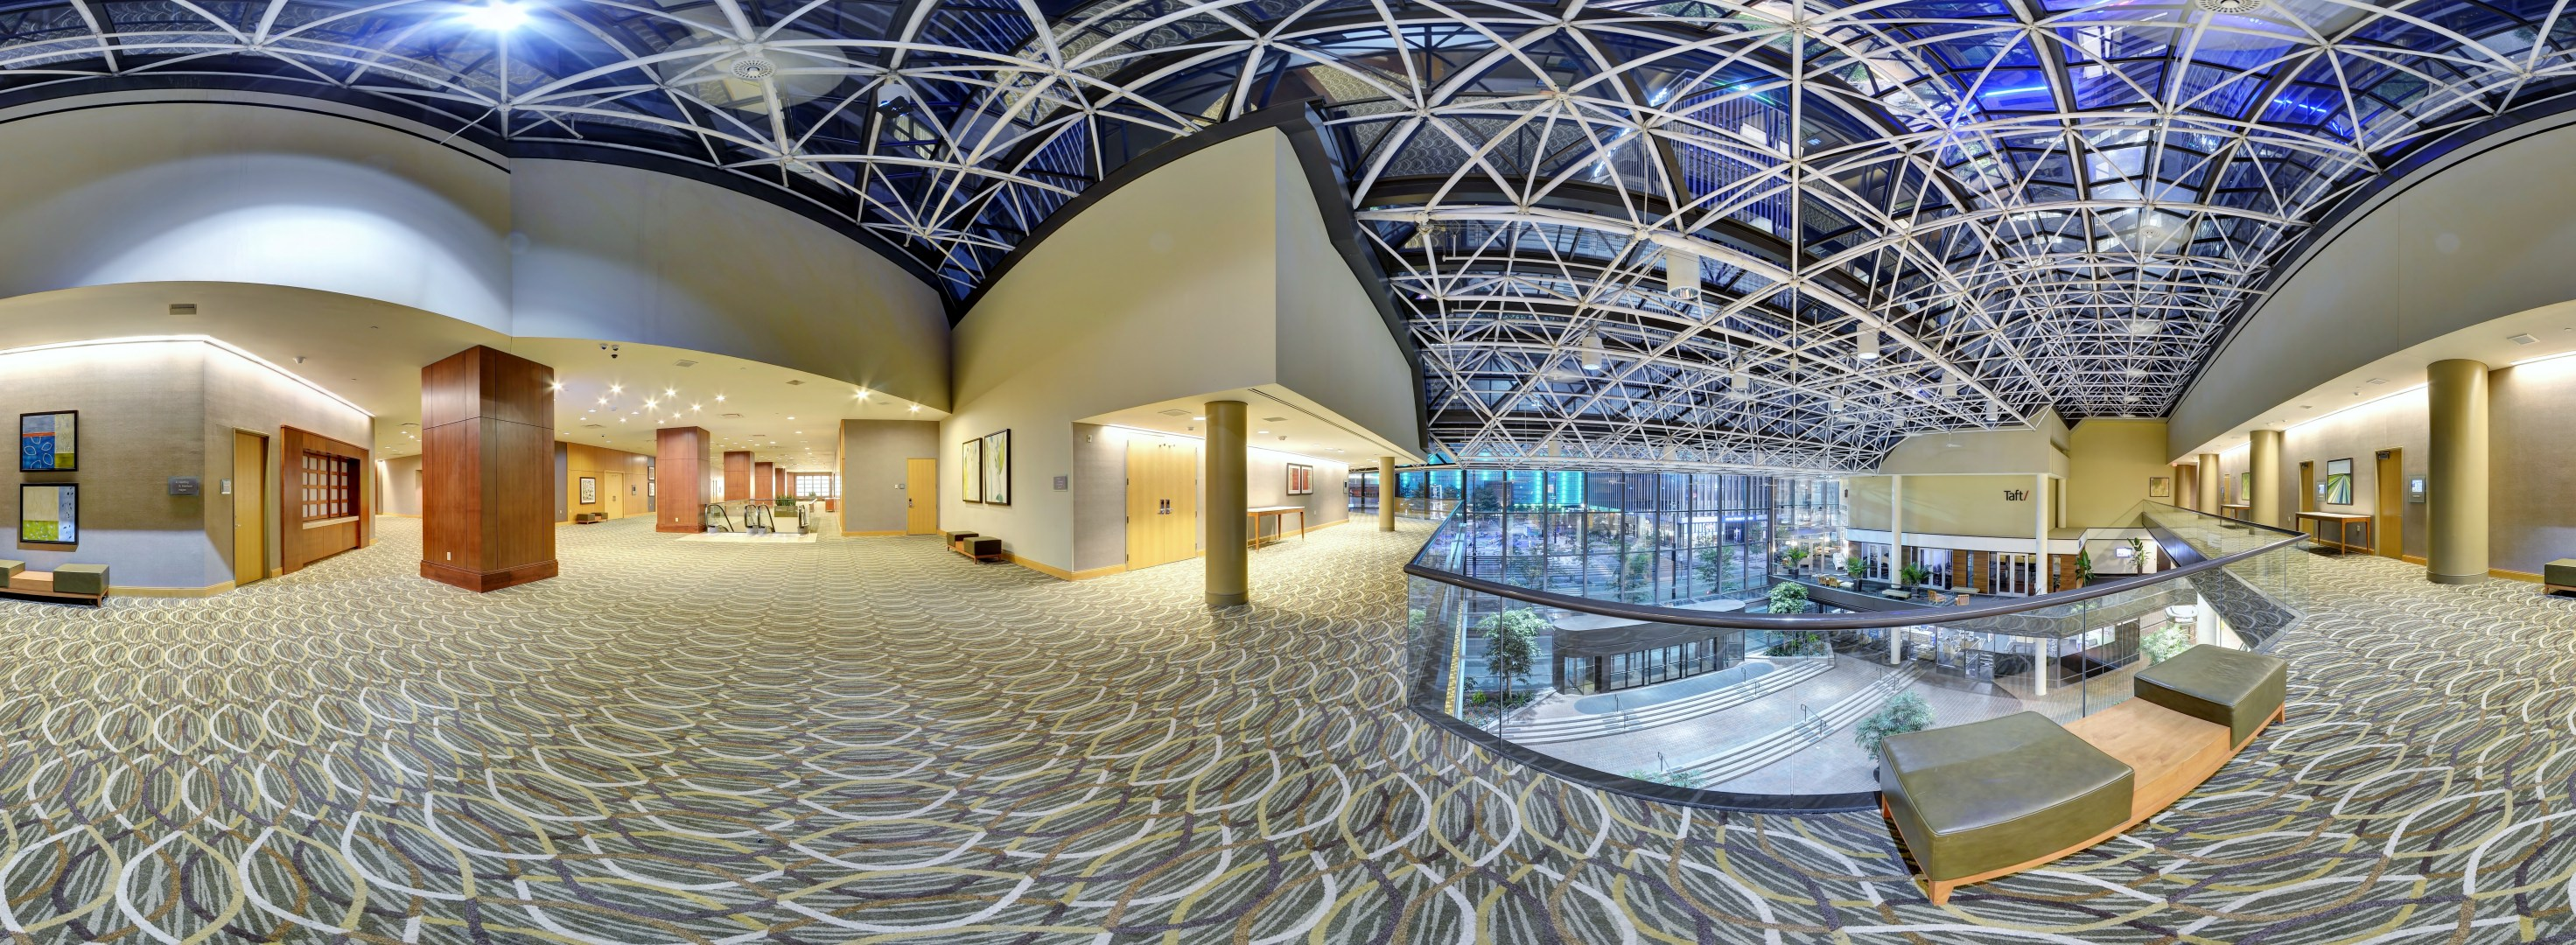 360 Panoramic Software Rtv 360 Panorama Software Rtv Inc